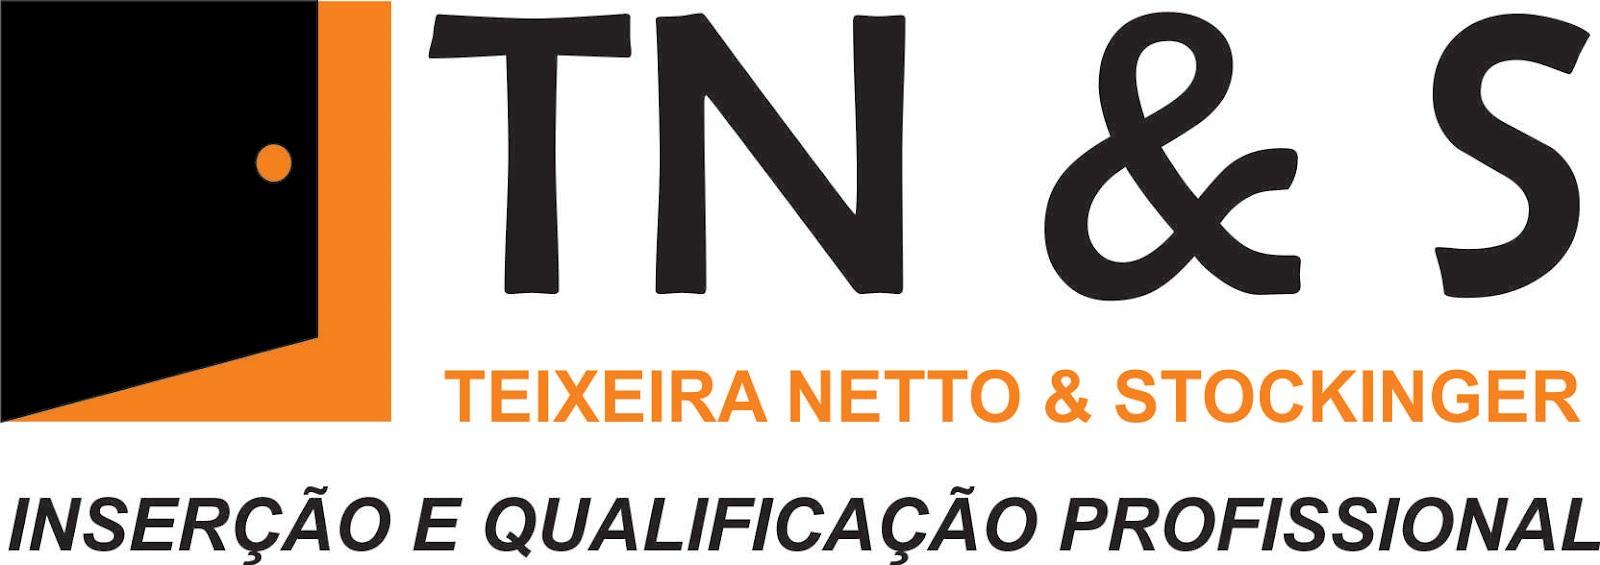 TN&S - Inserção e Qualificação Profissional